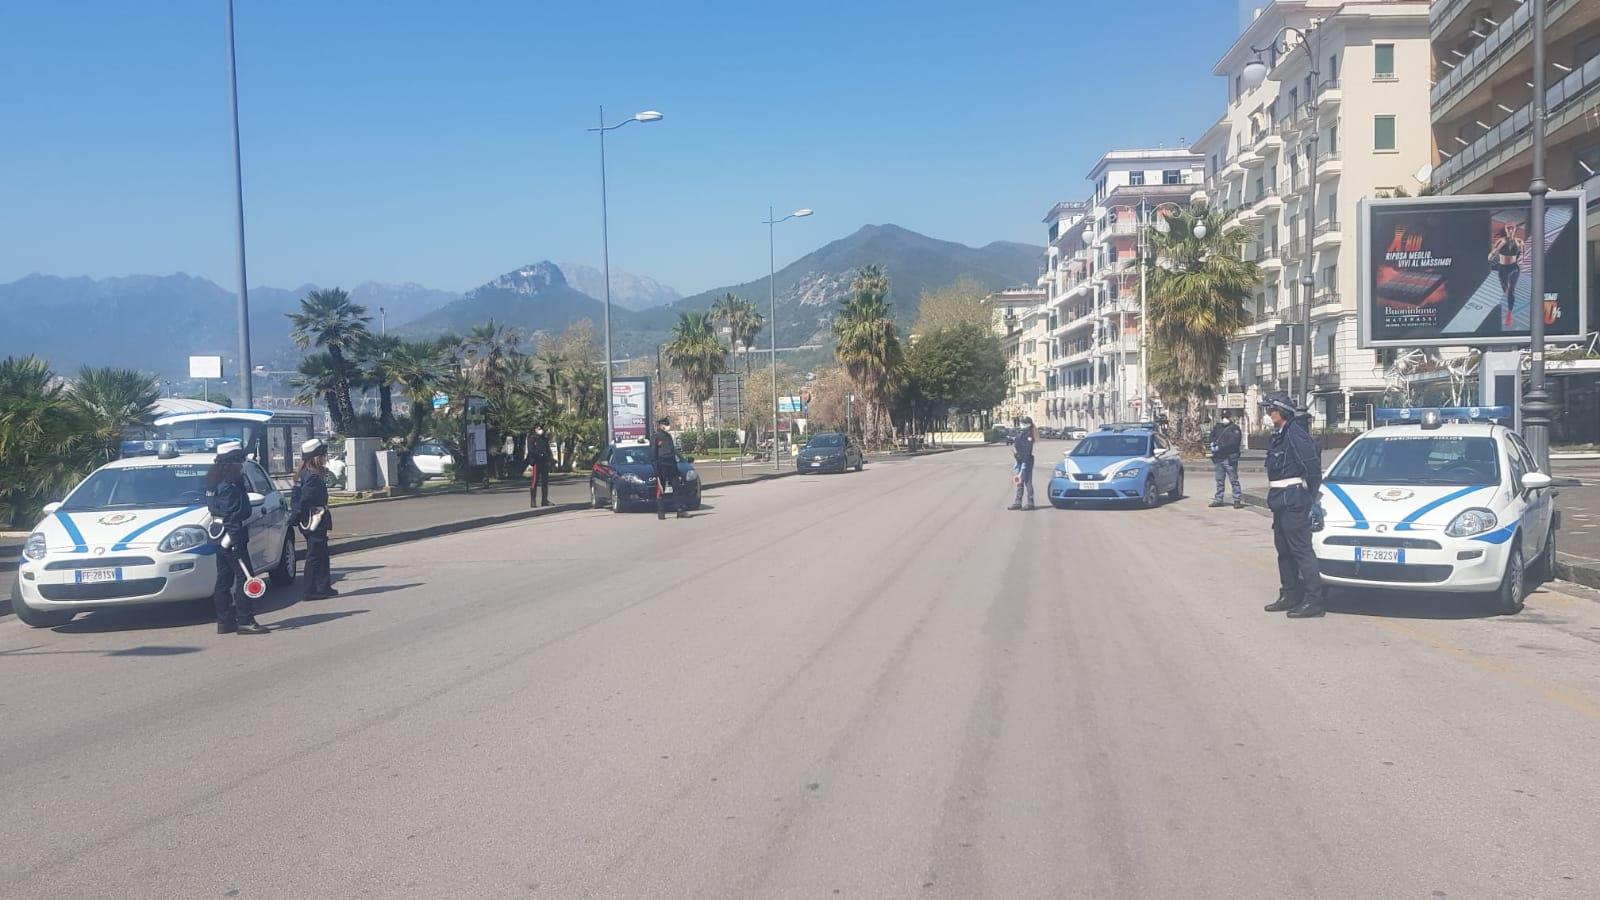 Attività di controllo nelle strade di Salerno